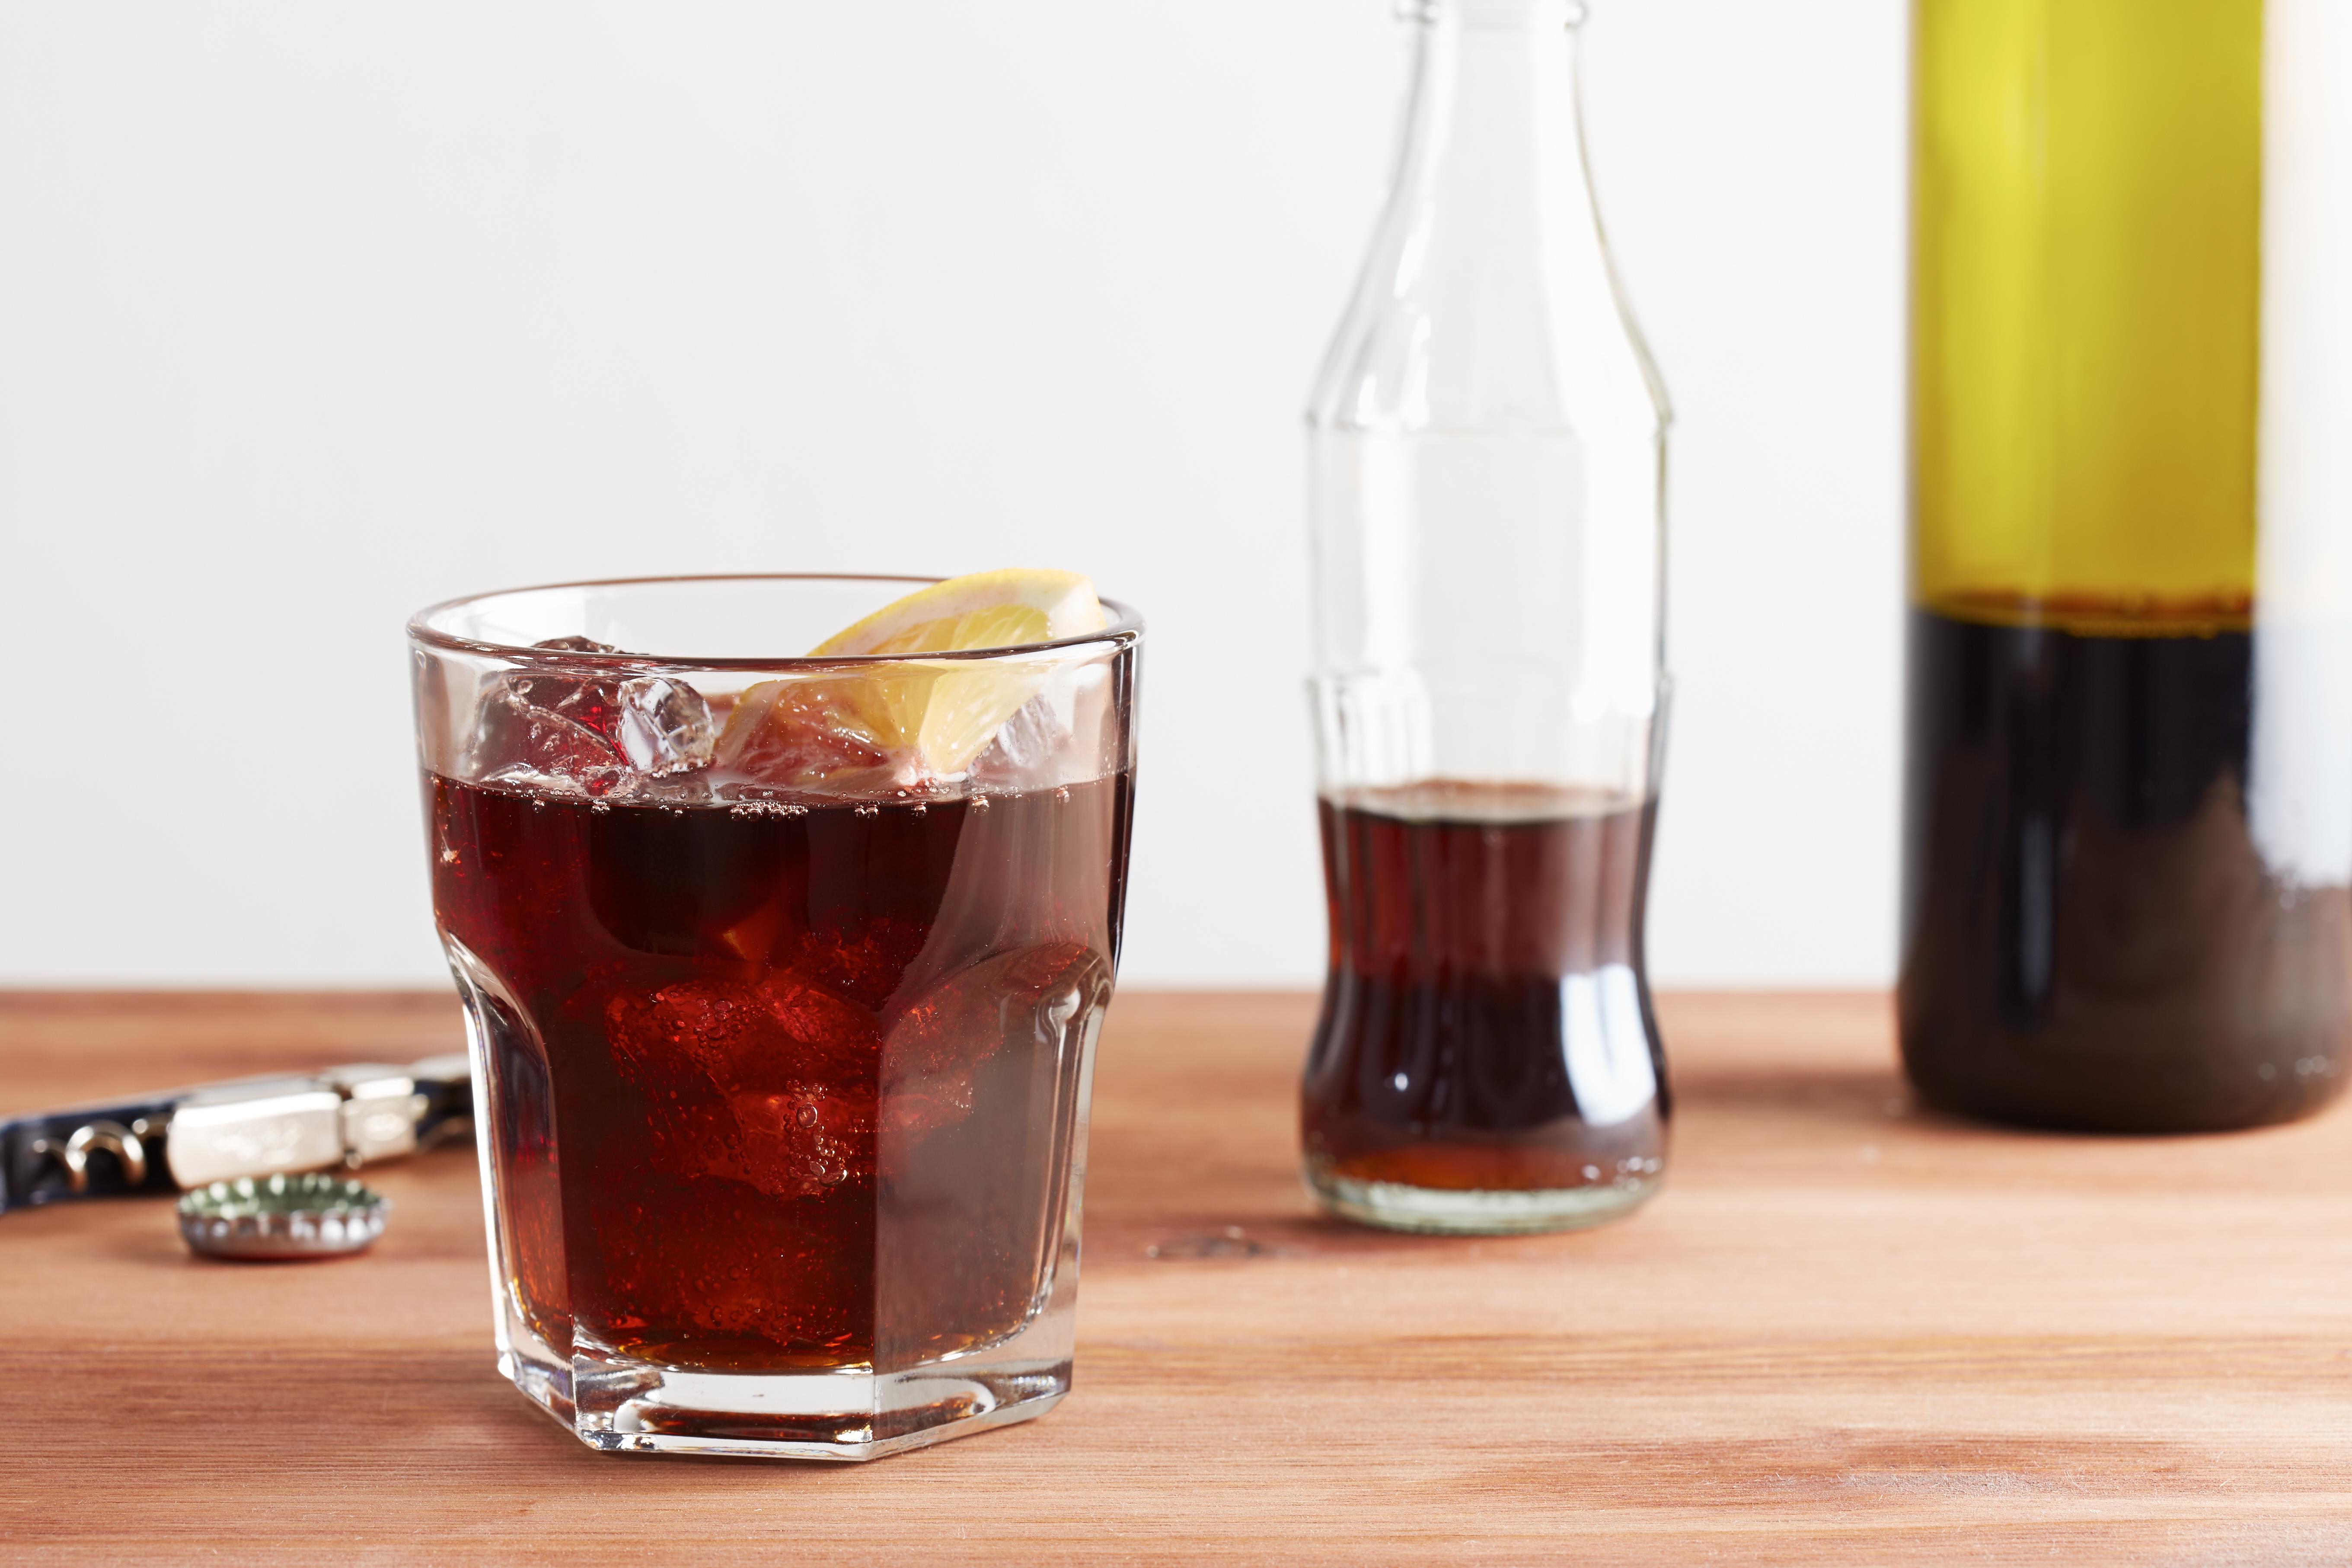 The kalimotxo drink